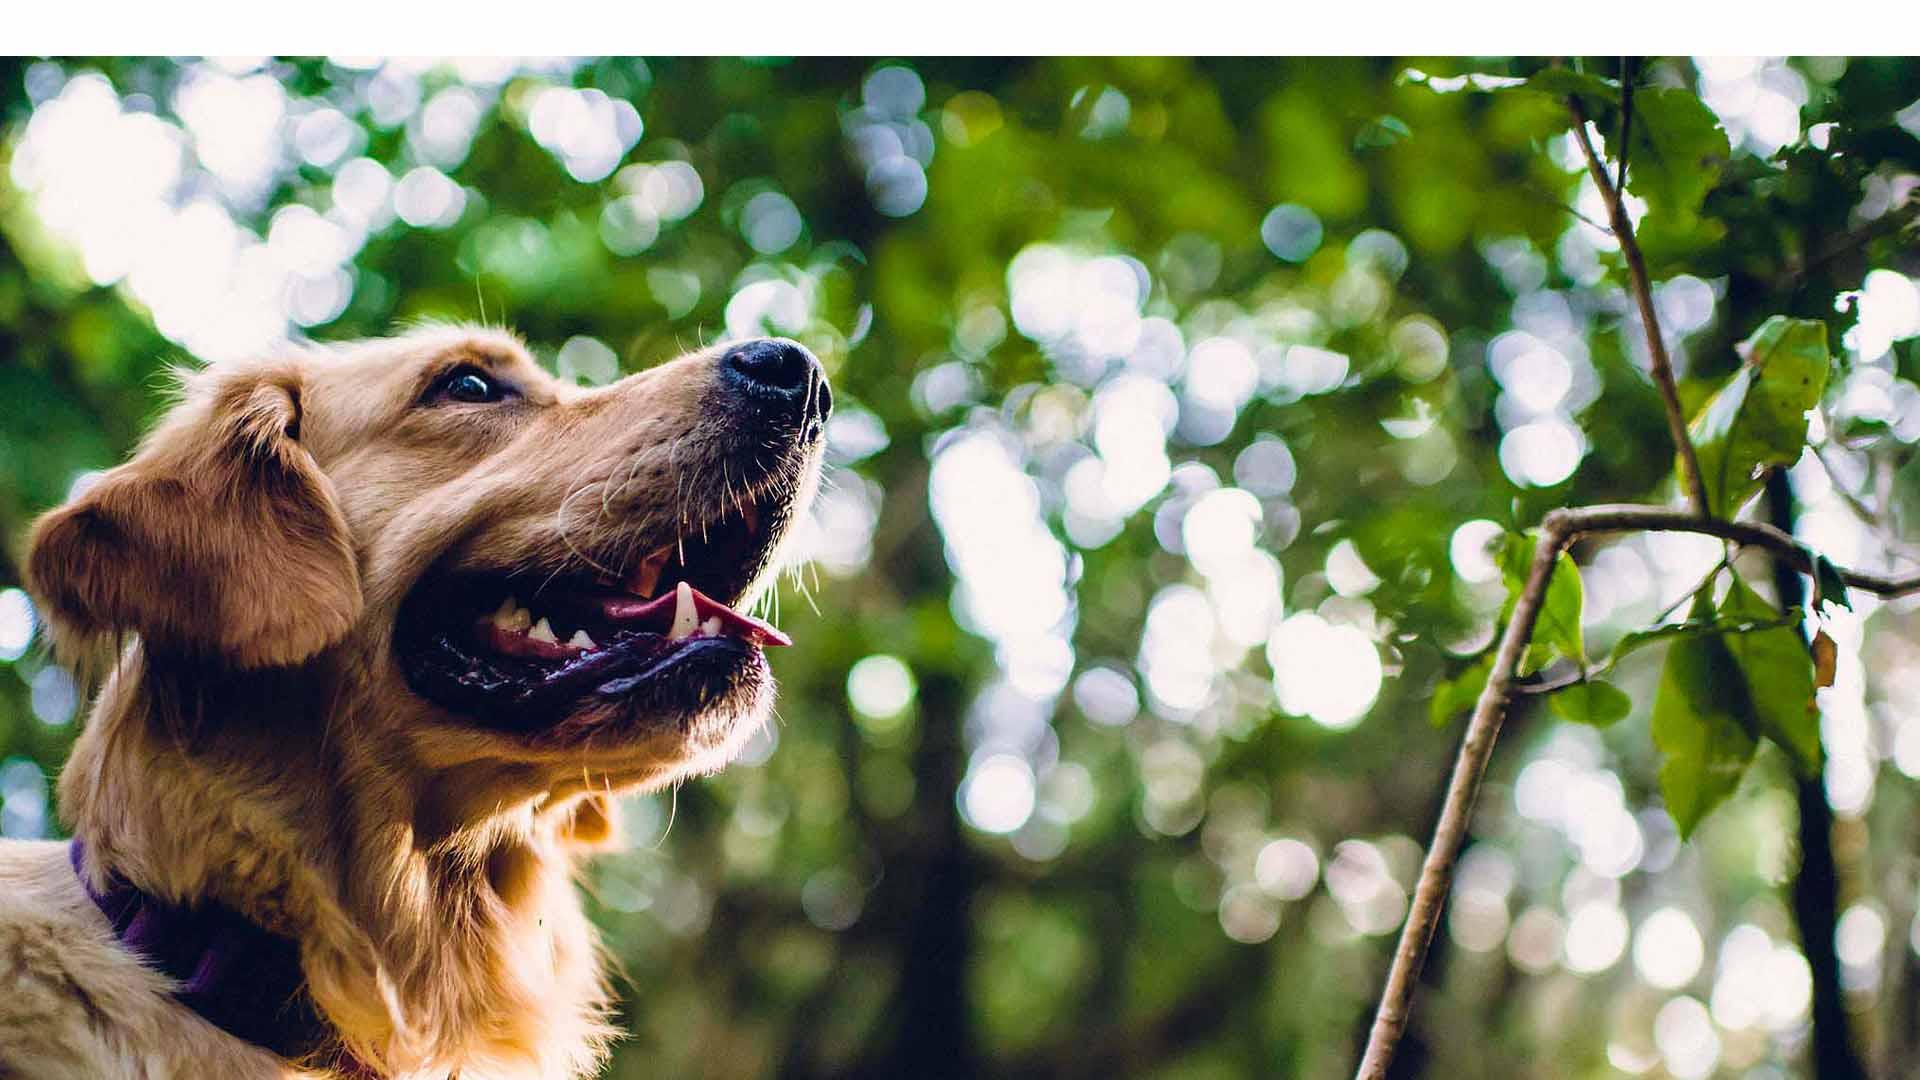 El perro se encontraba atrapado en las ruinas de la casa de donde sus dueños pudieron escapar sin percatarse de lo que sucedía con el can